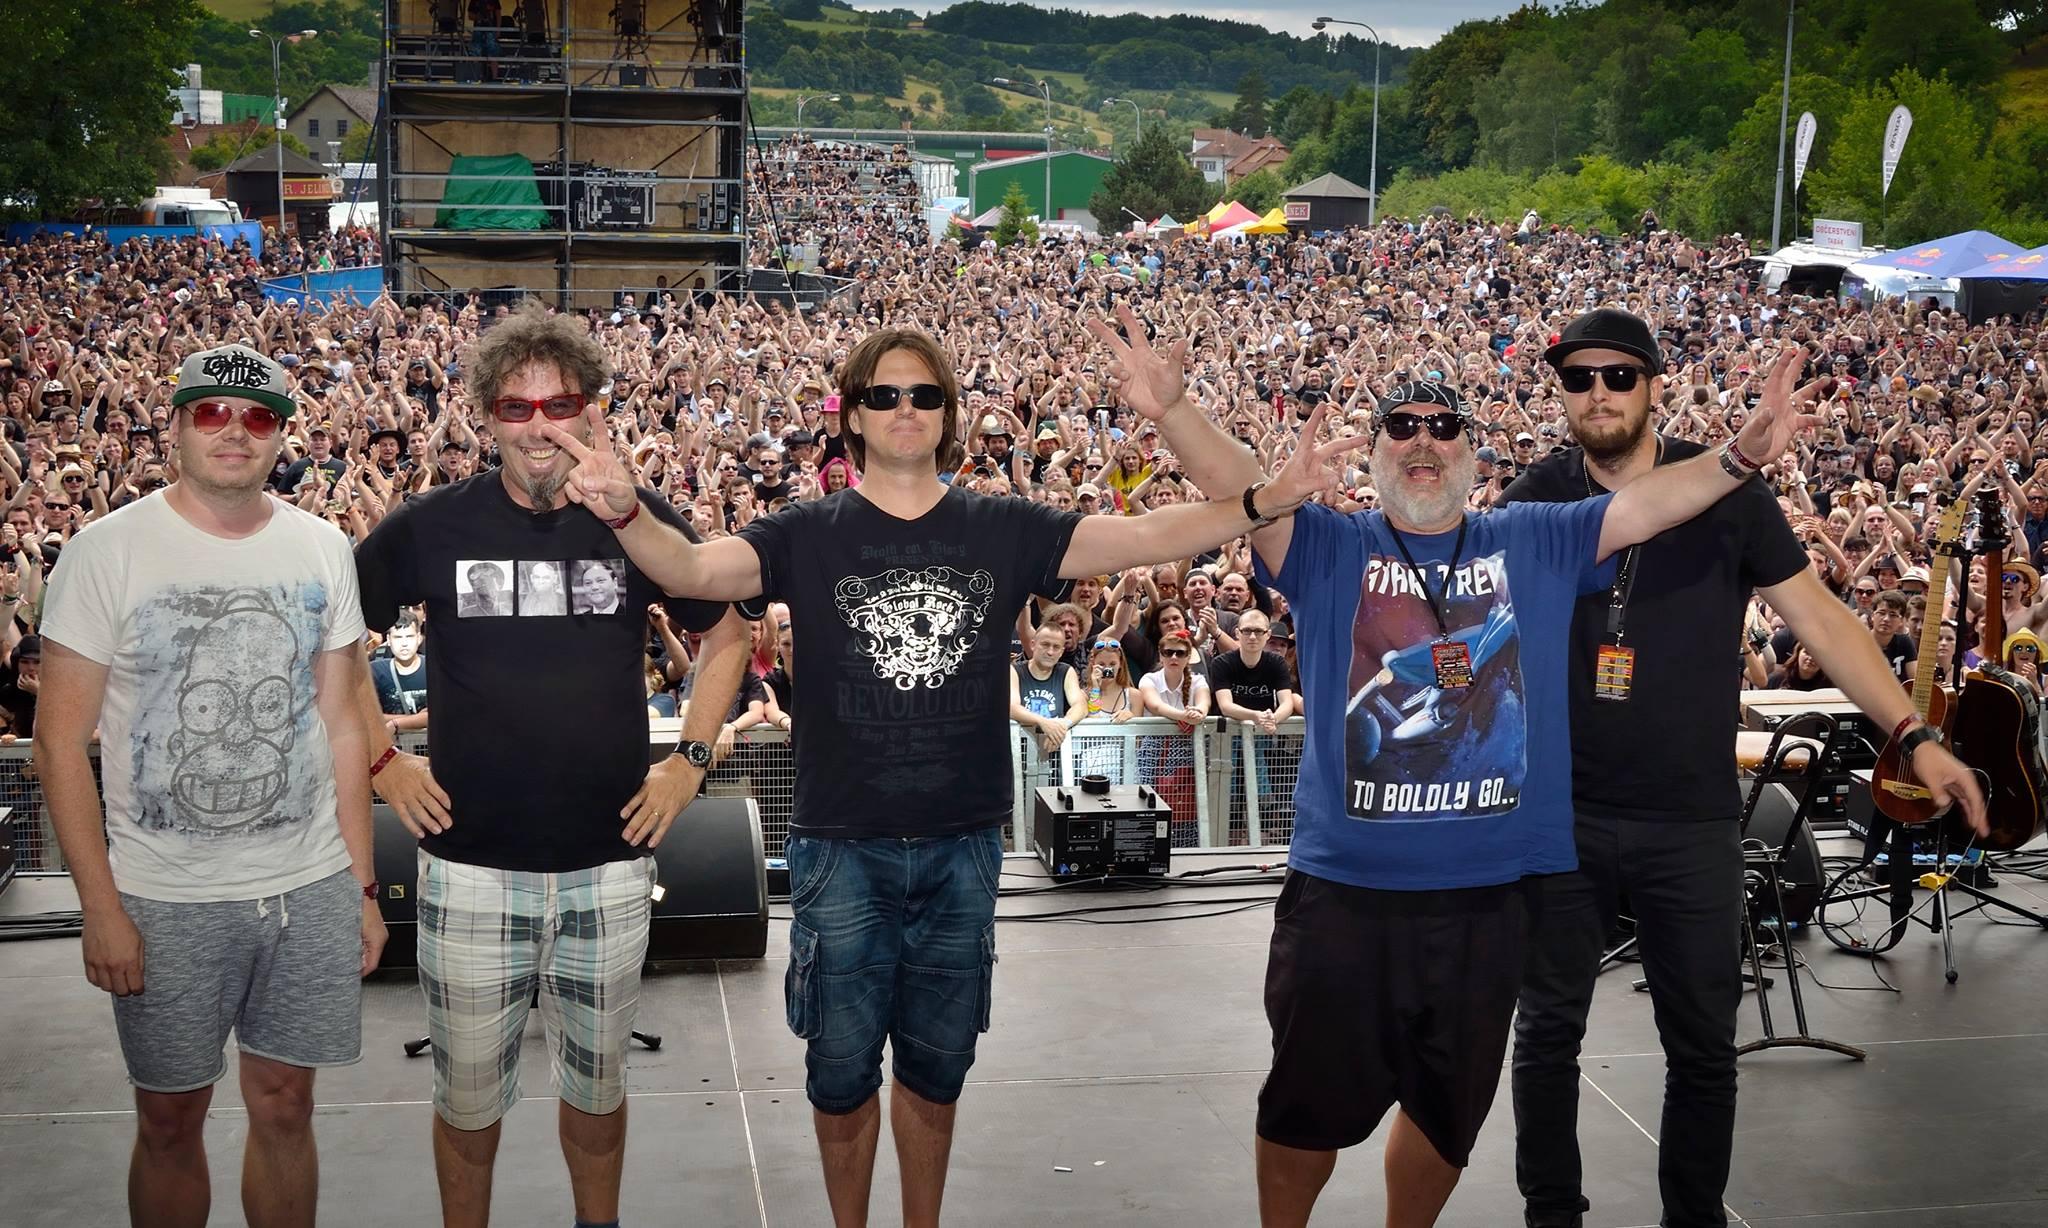 Valaši dobyli Masters Of Rock! Zleva: Vítek Rokyta (elektrická kytara), Stáňa Bartošík (housle), David Filák (bicí), Zdeněk Hrachový (akustická kytara), Marek Abrahám (baskytara)